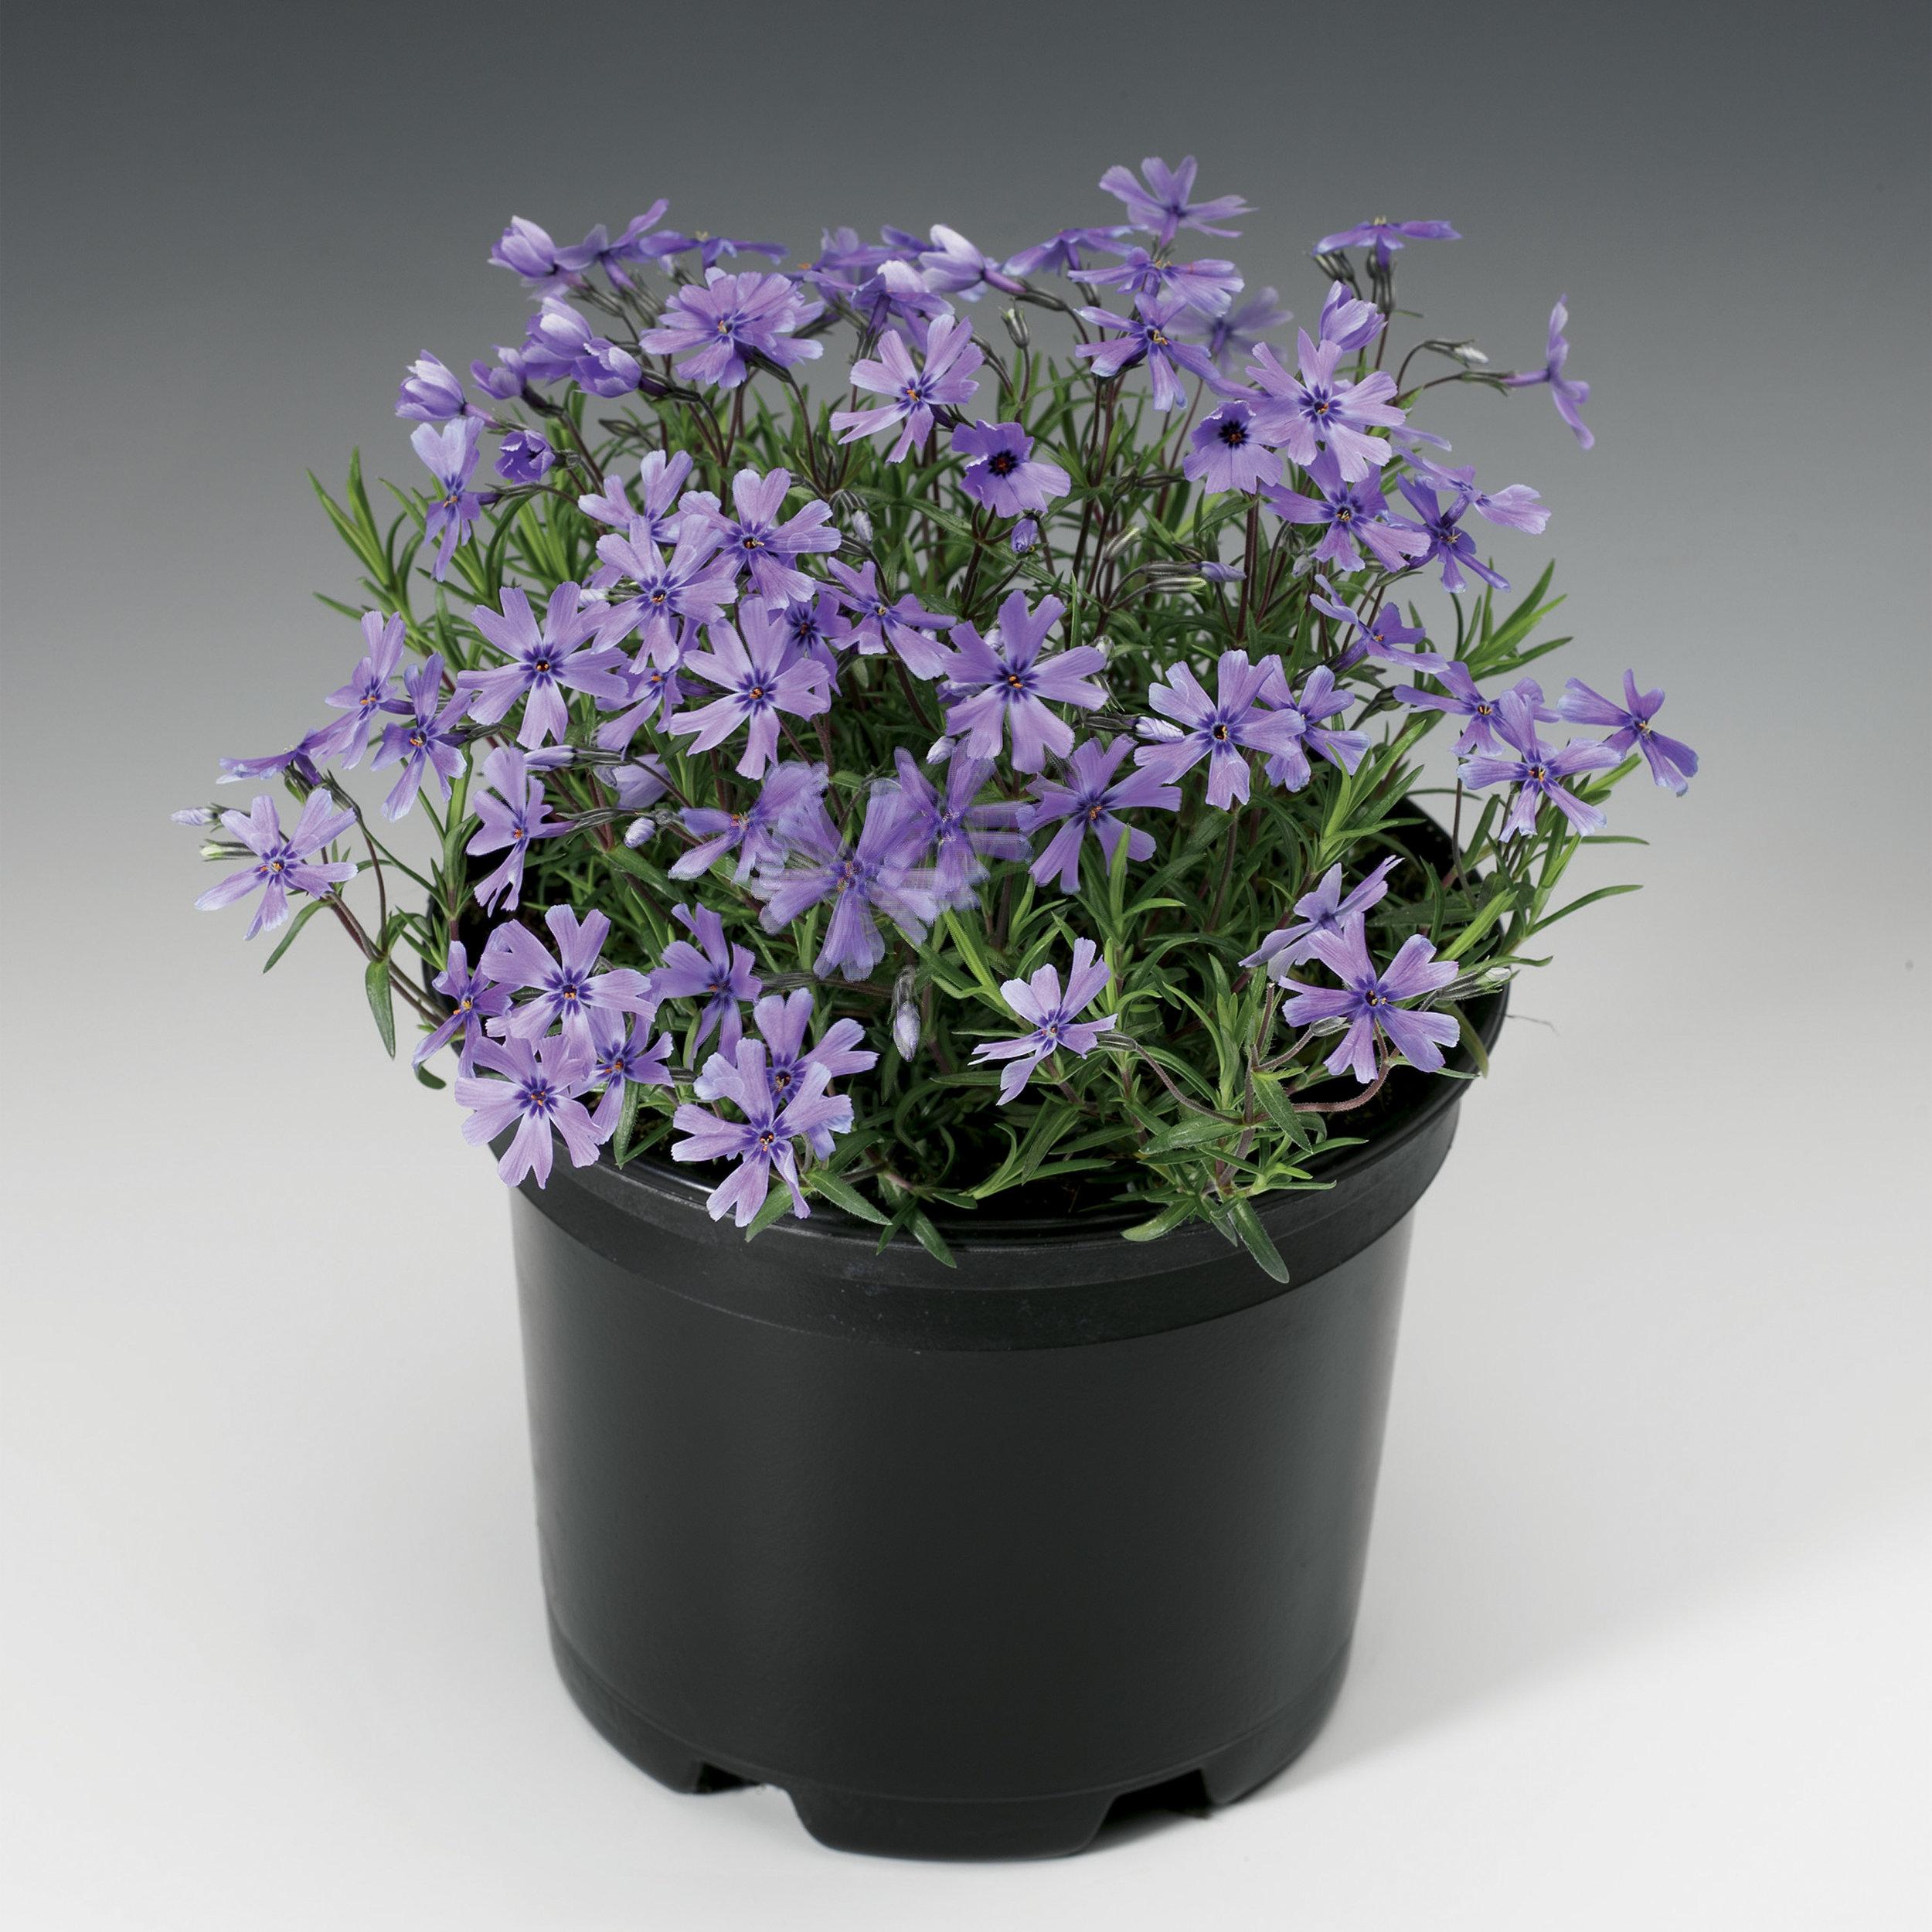 HR_Vegetative_Phlox_Purple_Beauty_Purple_Beauty_70004212_1.jpg